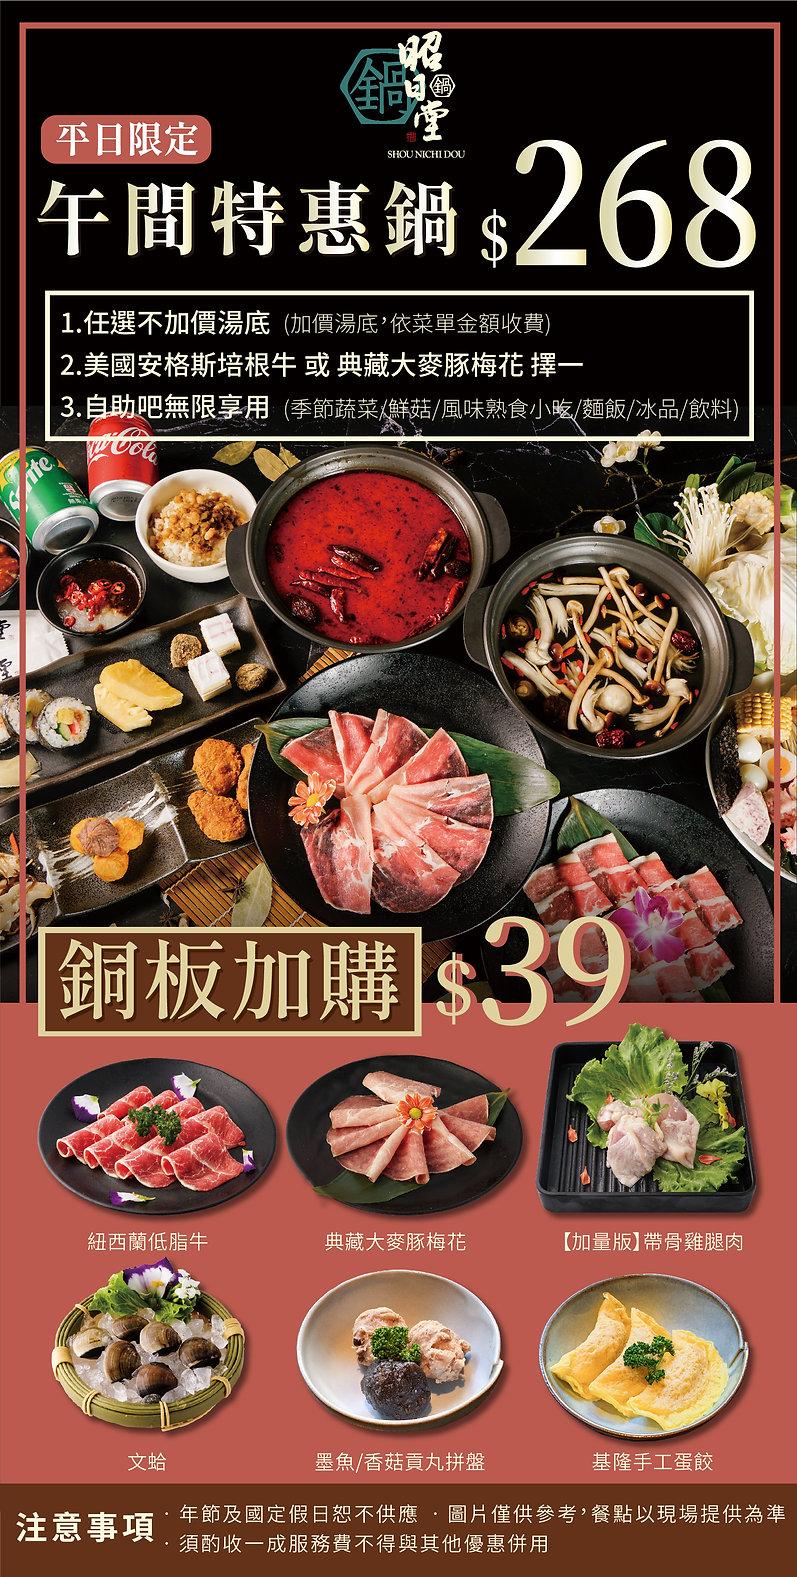 2020.09.28鍋煮平日午間特惠鍋-02.jpg